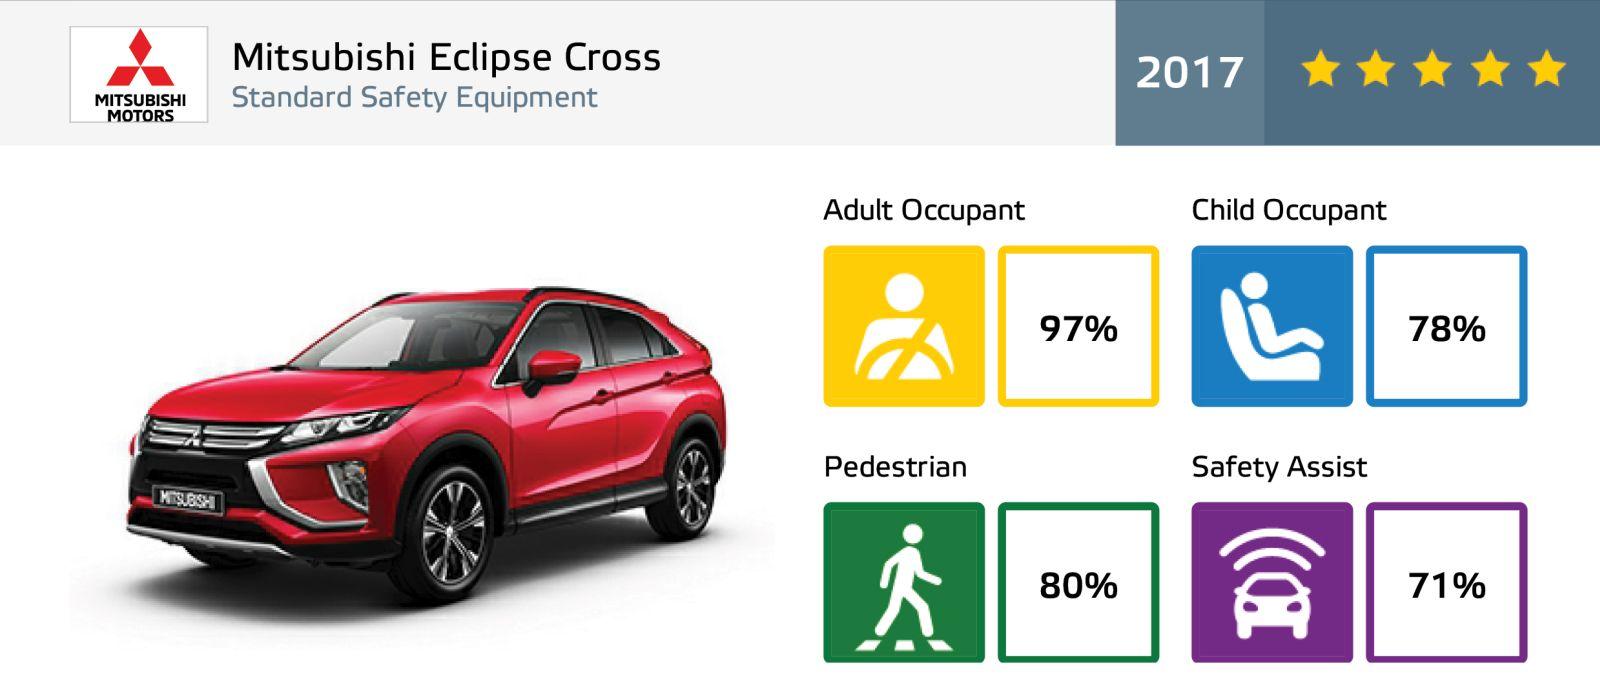 Mitsubishi Eclipse Cross Euro NCAP